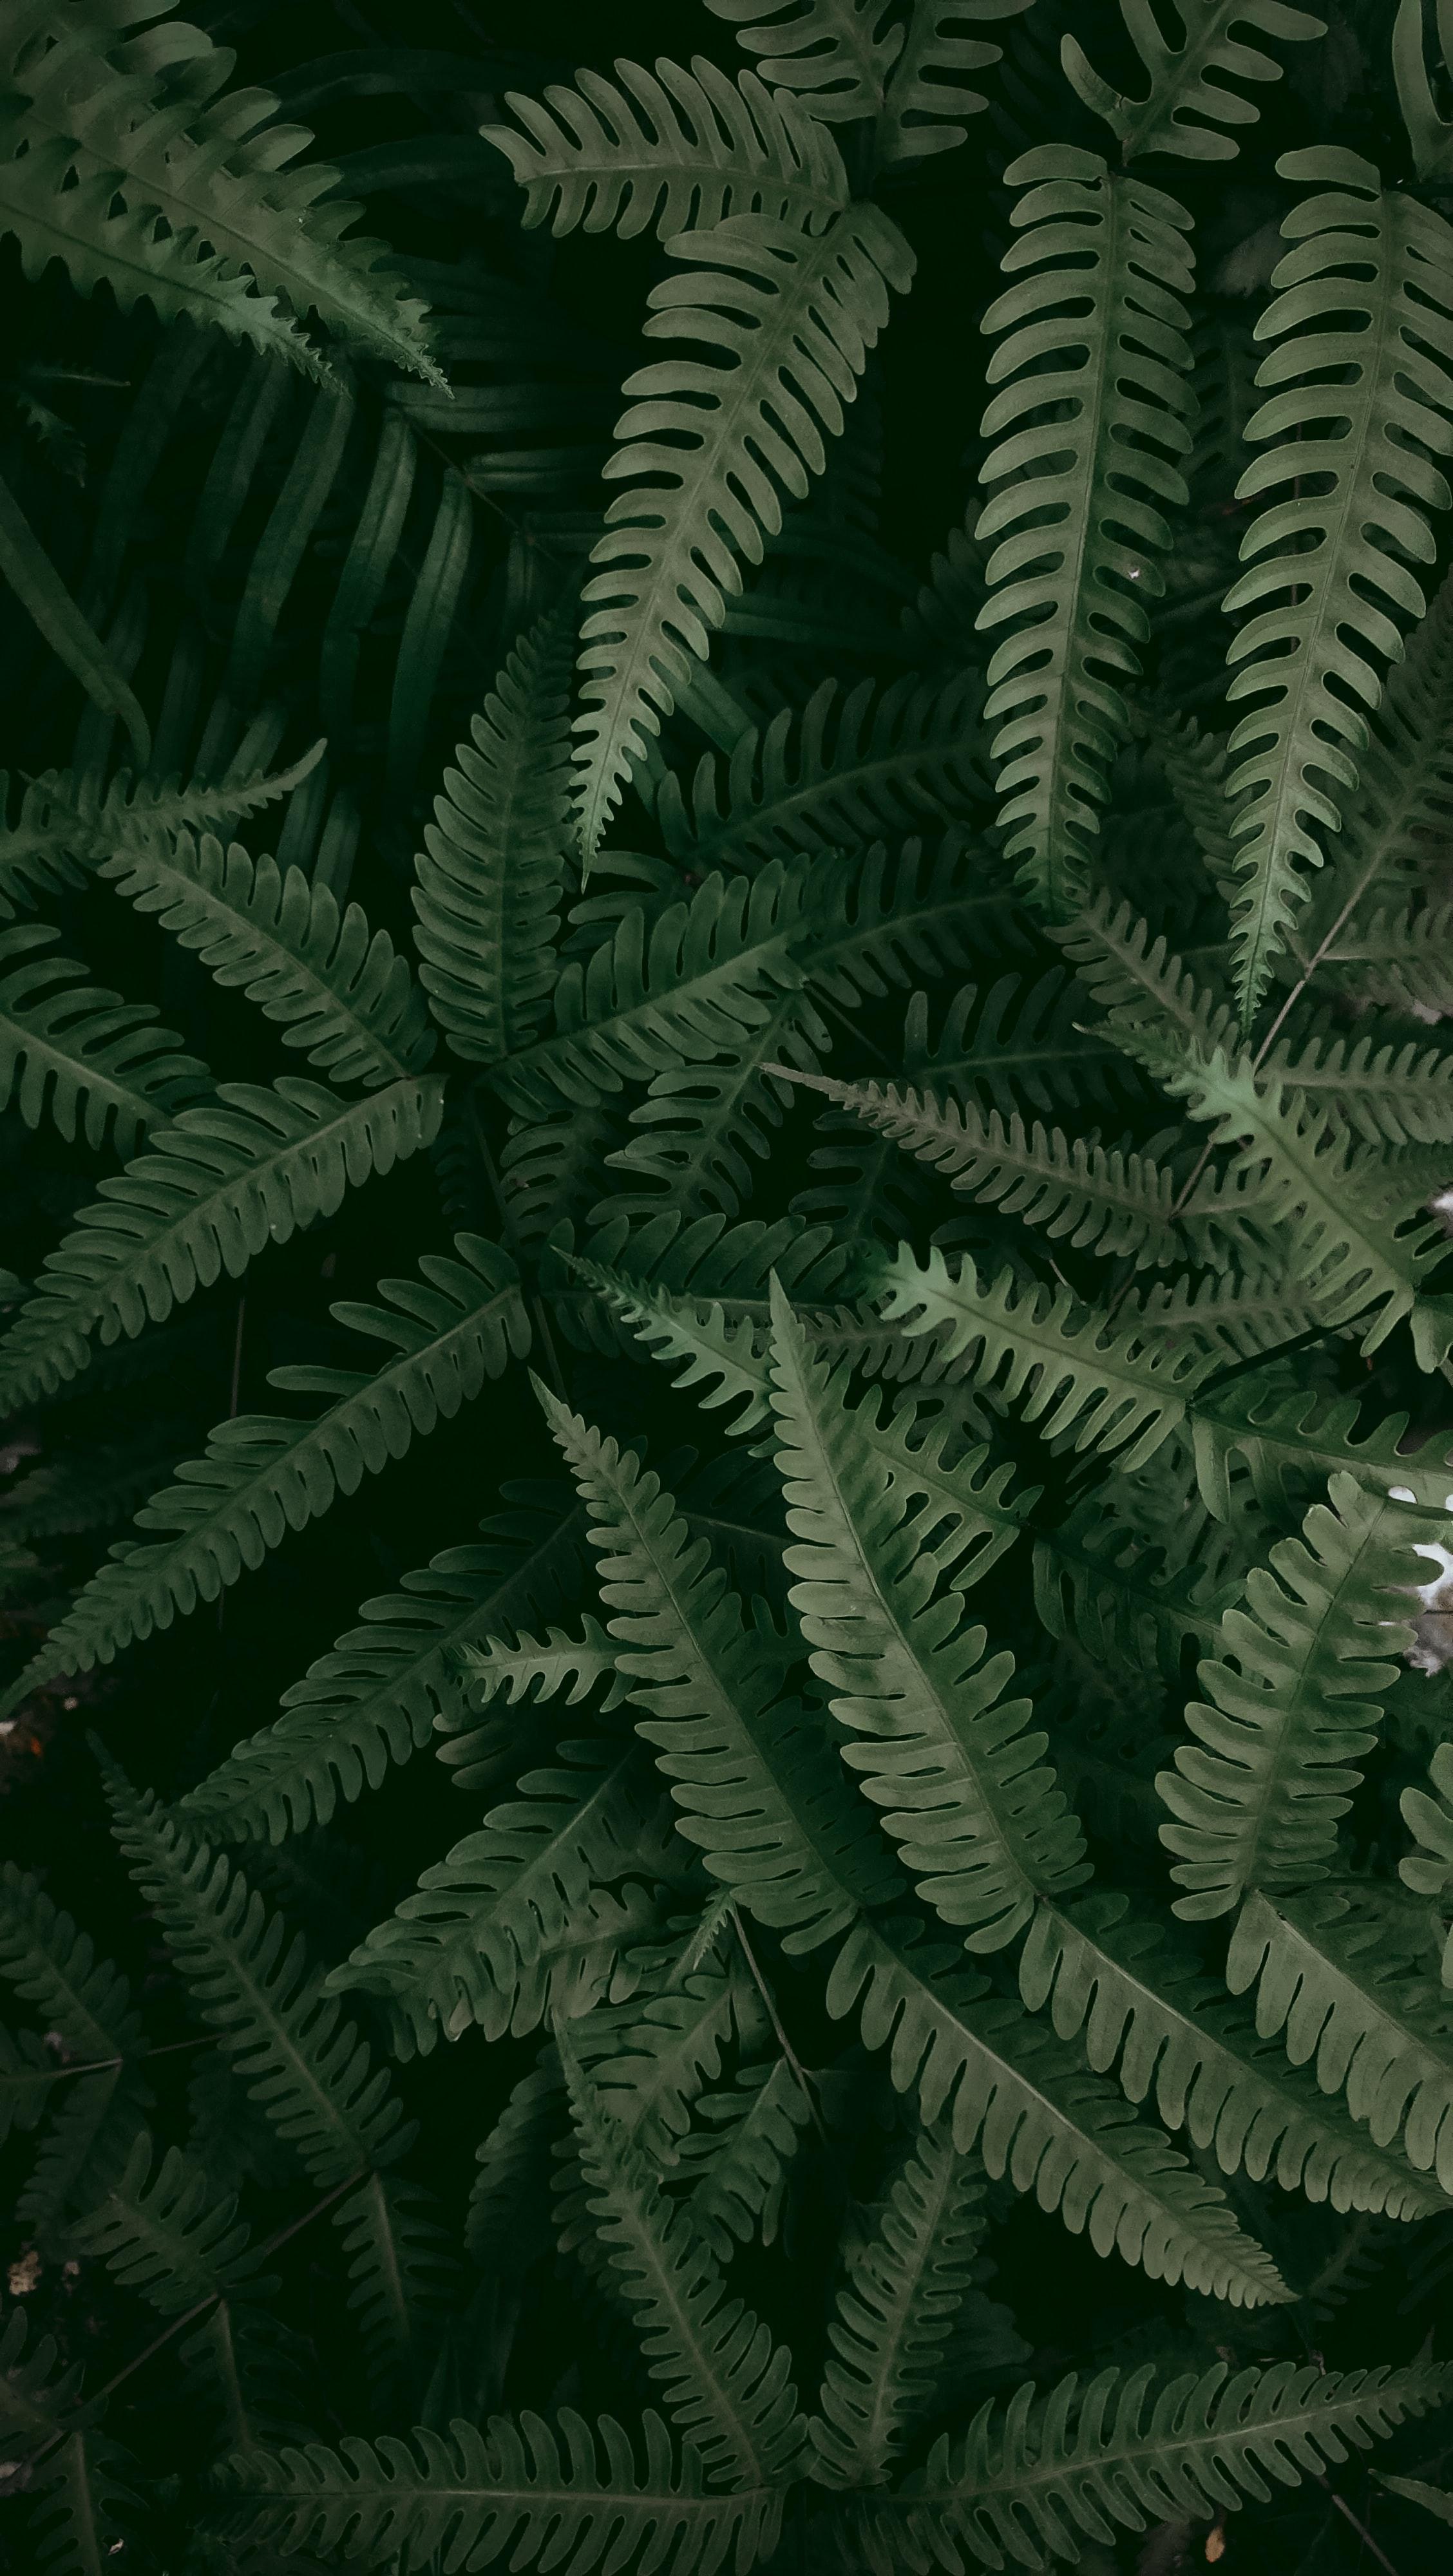 134502 скачать обои Макро, Папоротник, Растение, Листья, Зеленый - заставки и картинки бесплатно